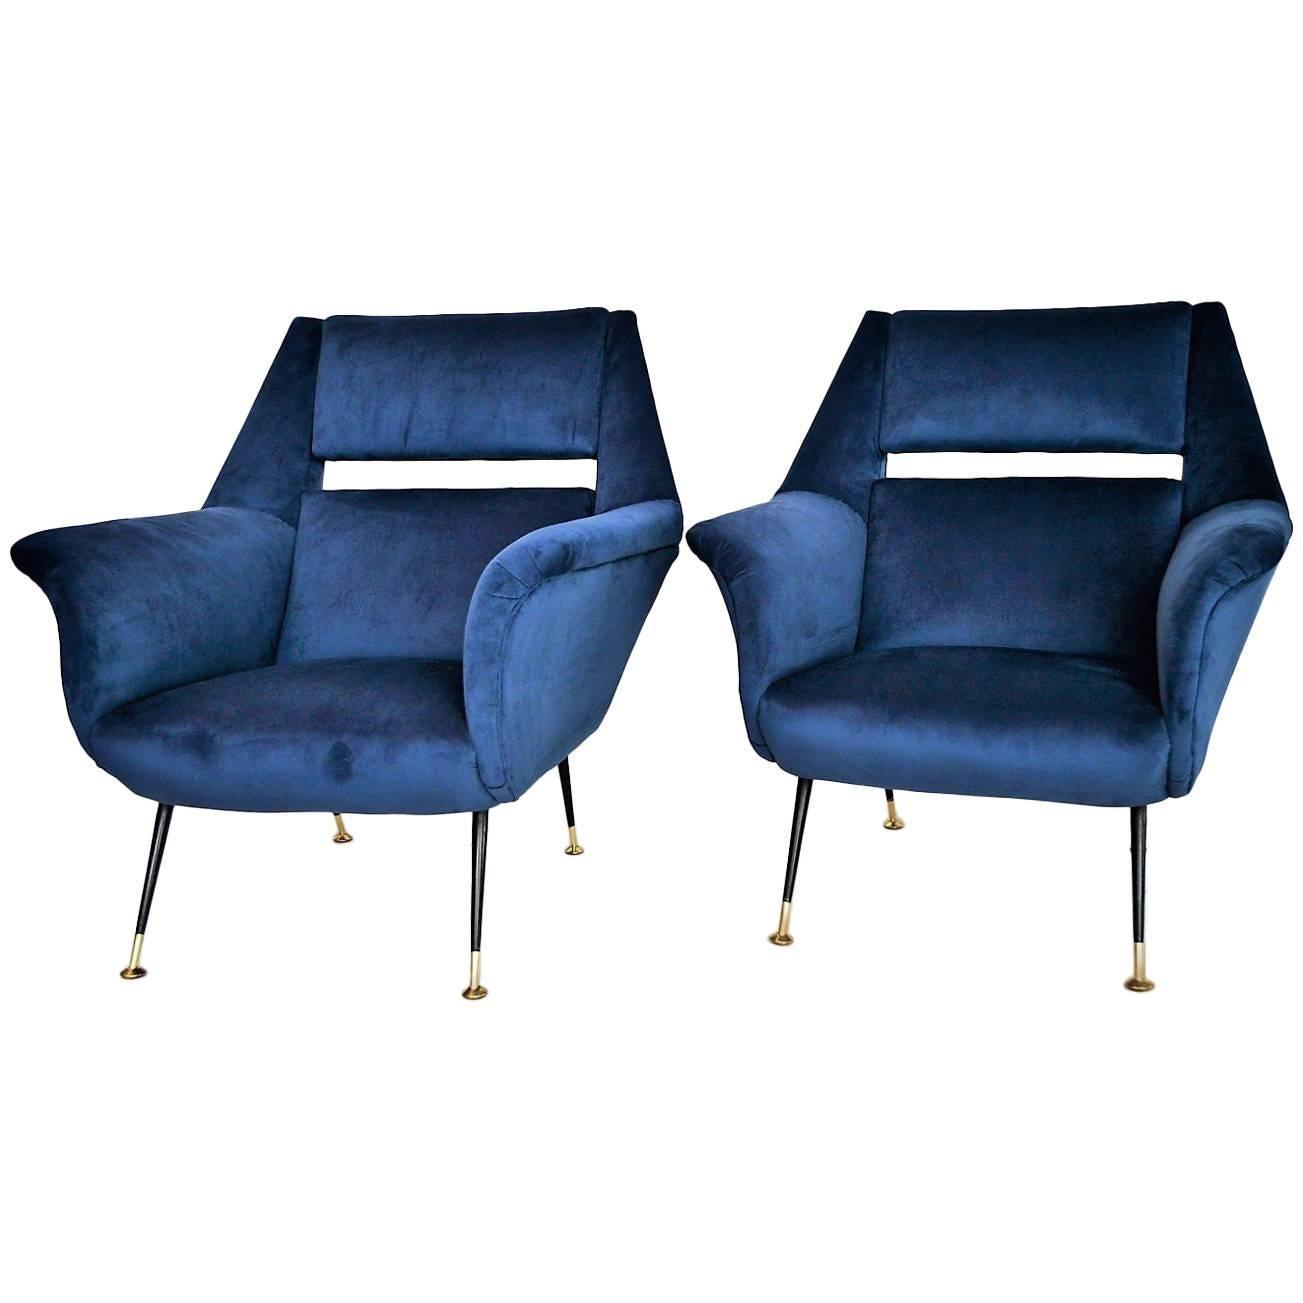 Italian Armchair Restored In Royal Blue Velvet By Gigi Radice For Minotti,  1950s